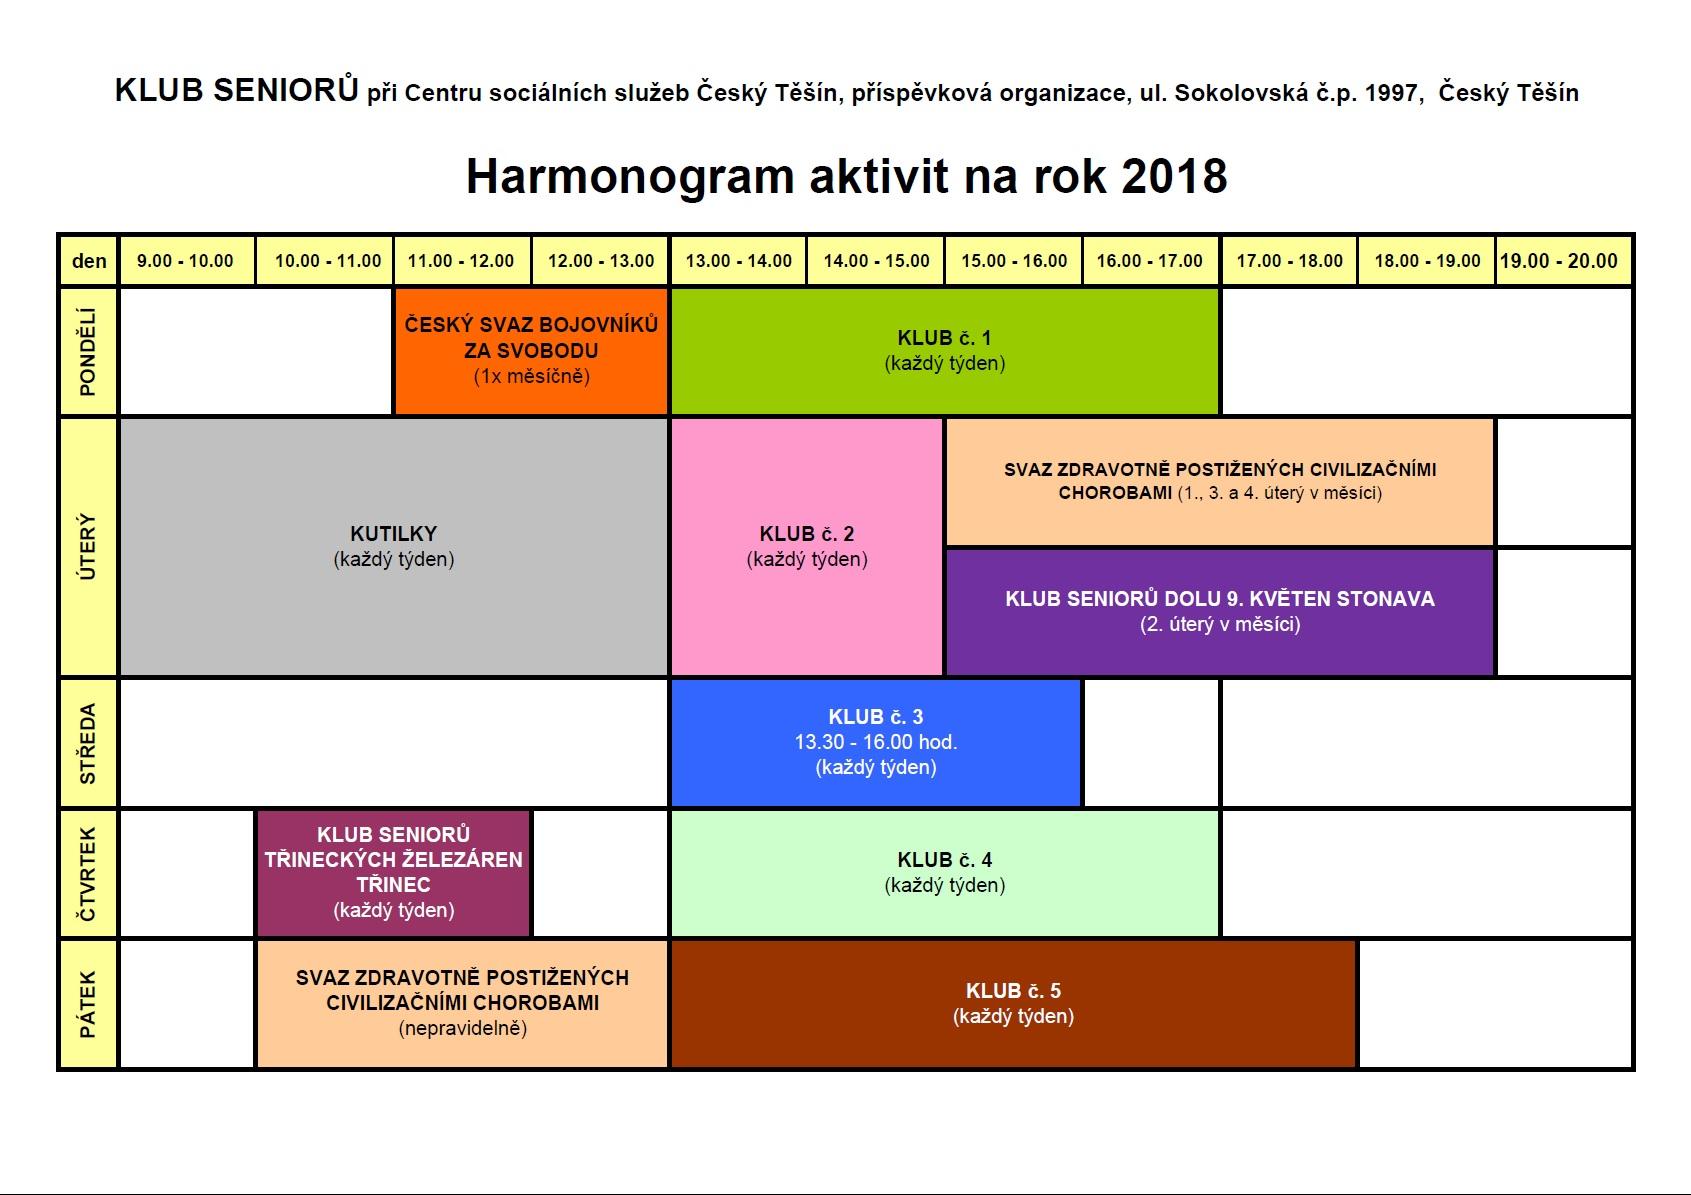 harmonogram-aktivit-2018